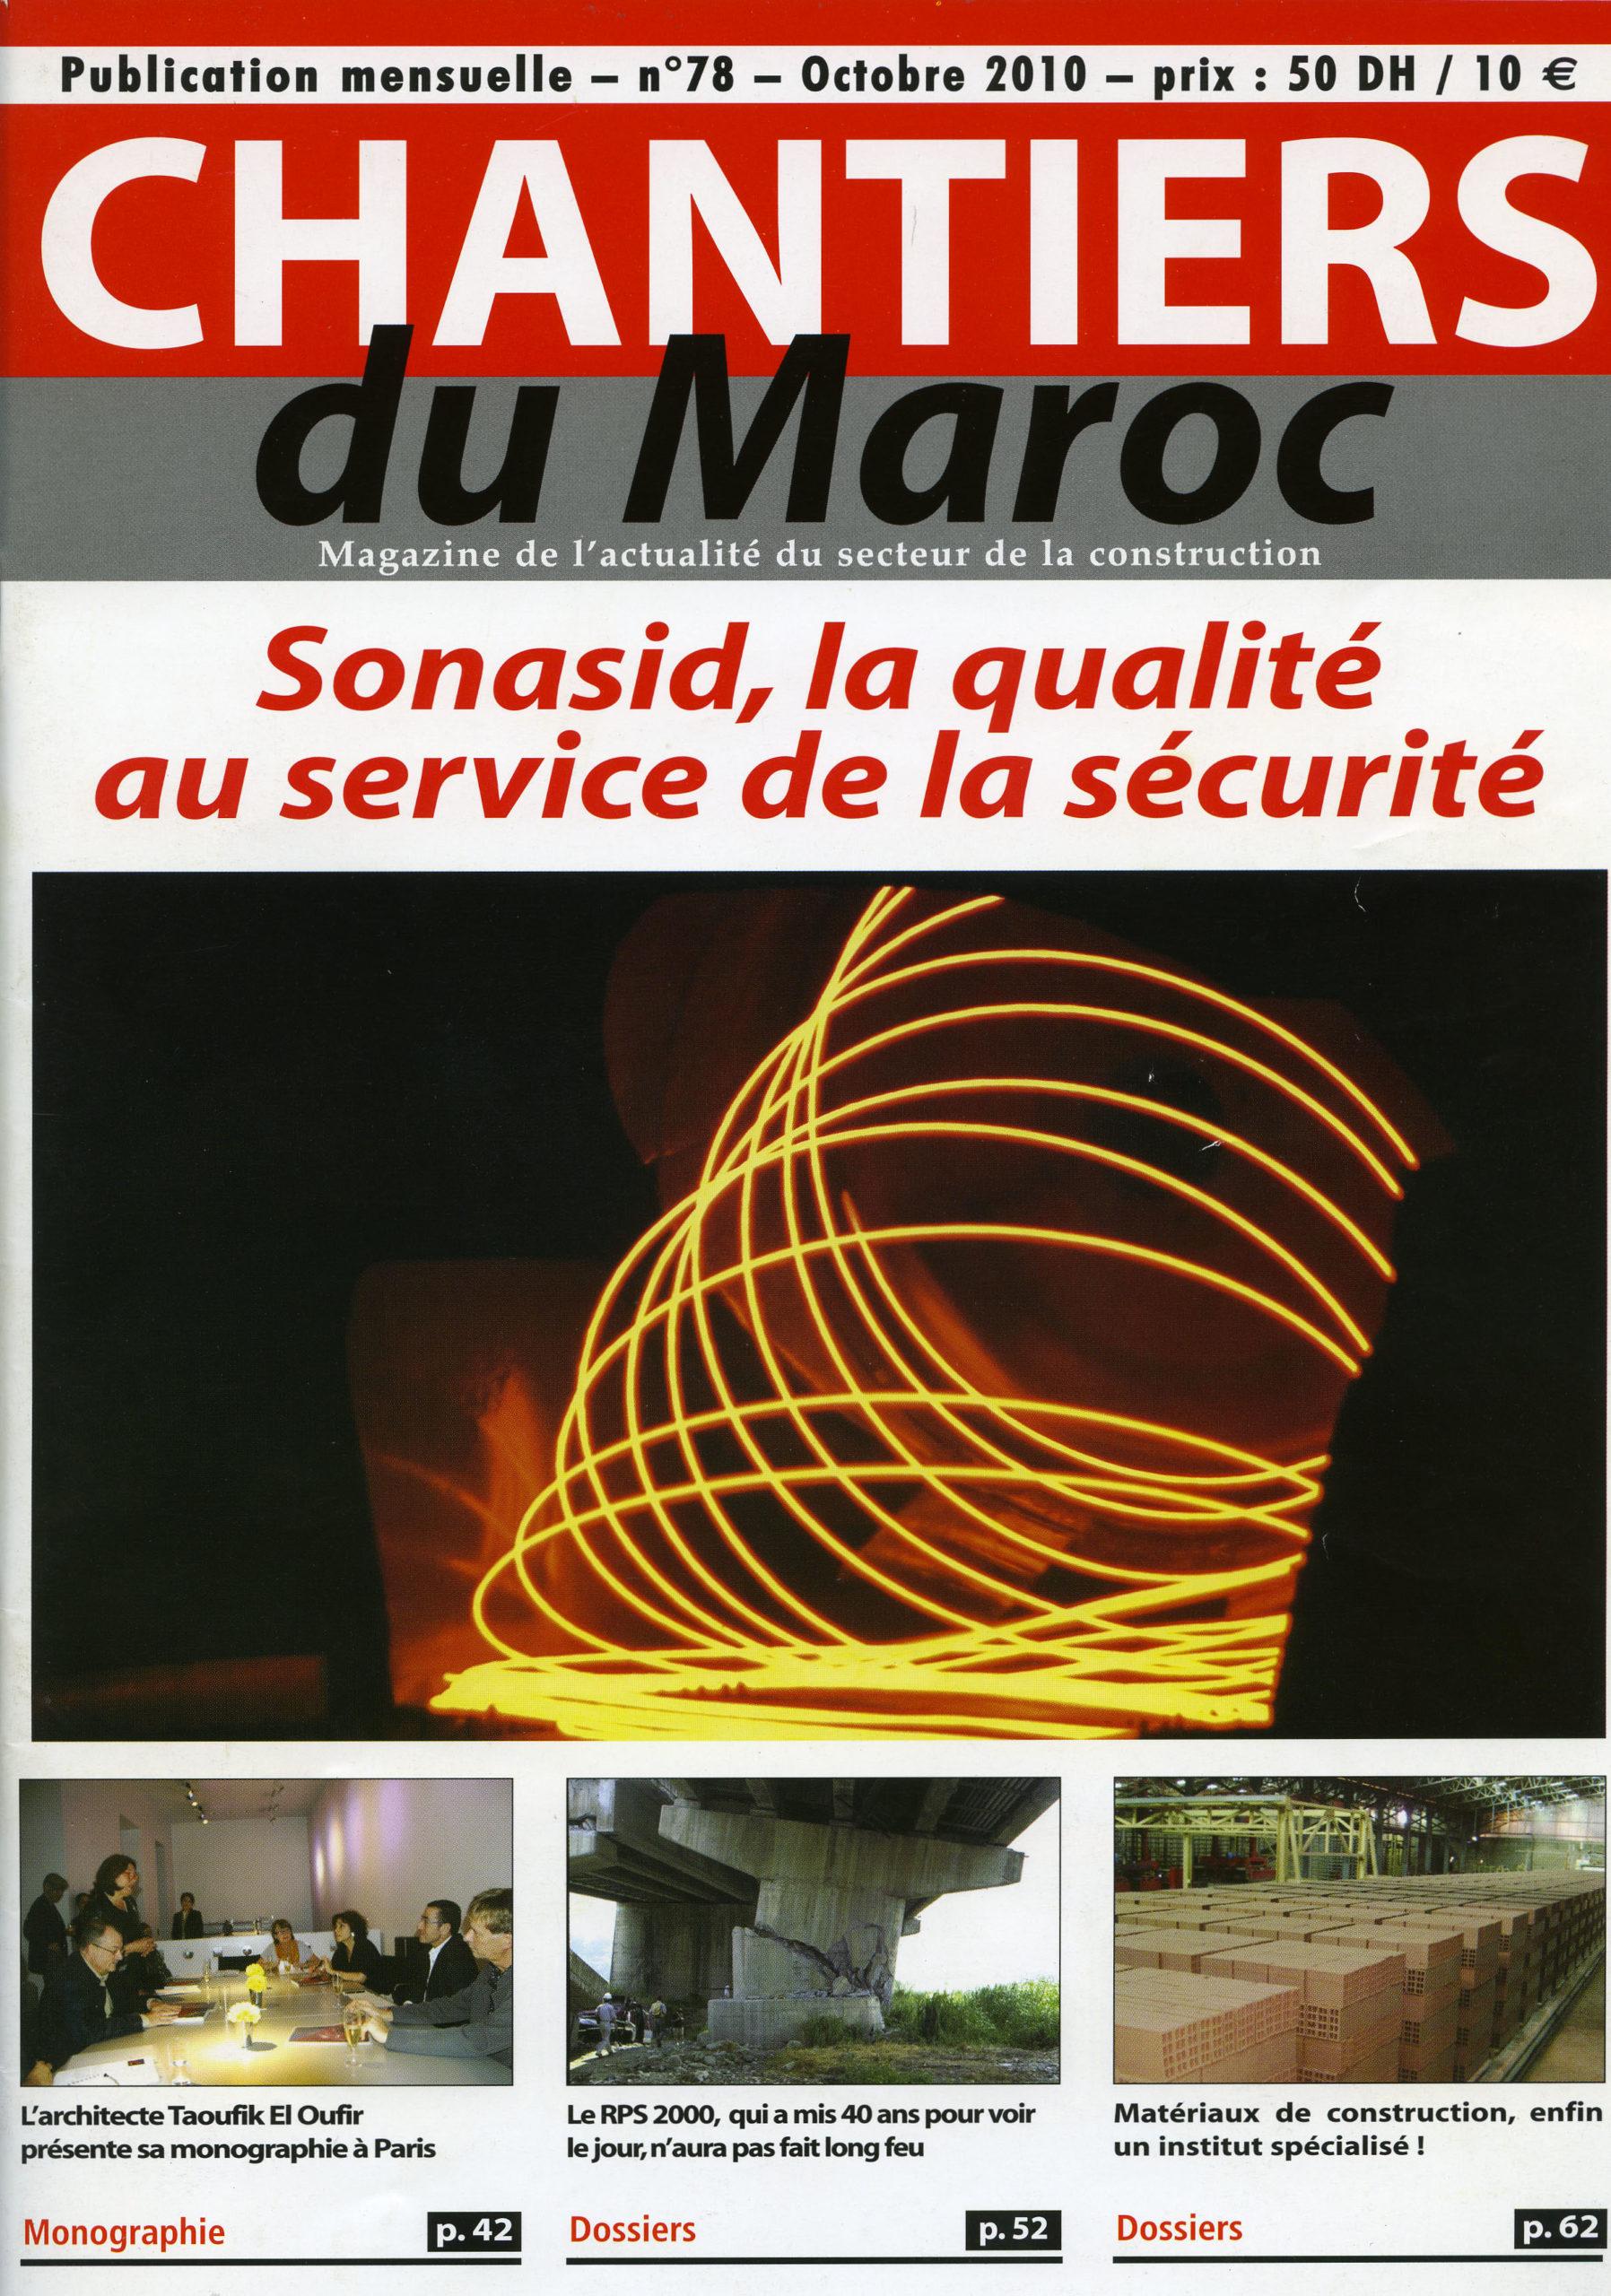 Chantier du Maroc n°78 10-2010